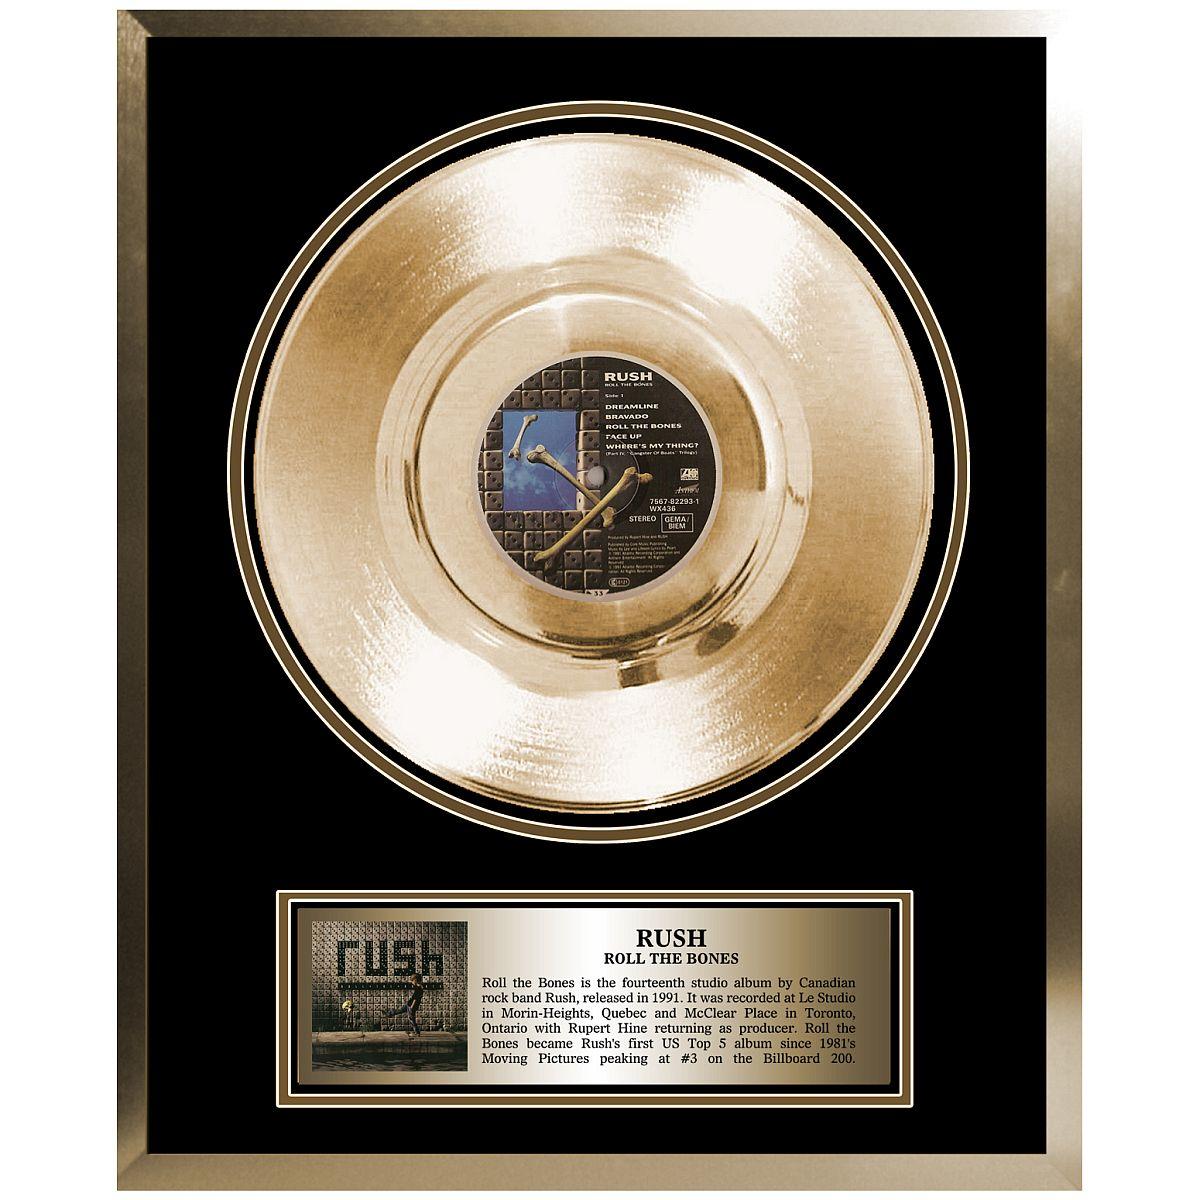 Rush Framed Gold Album Roll the Bones